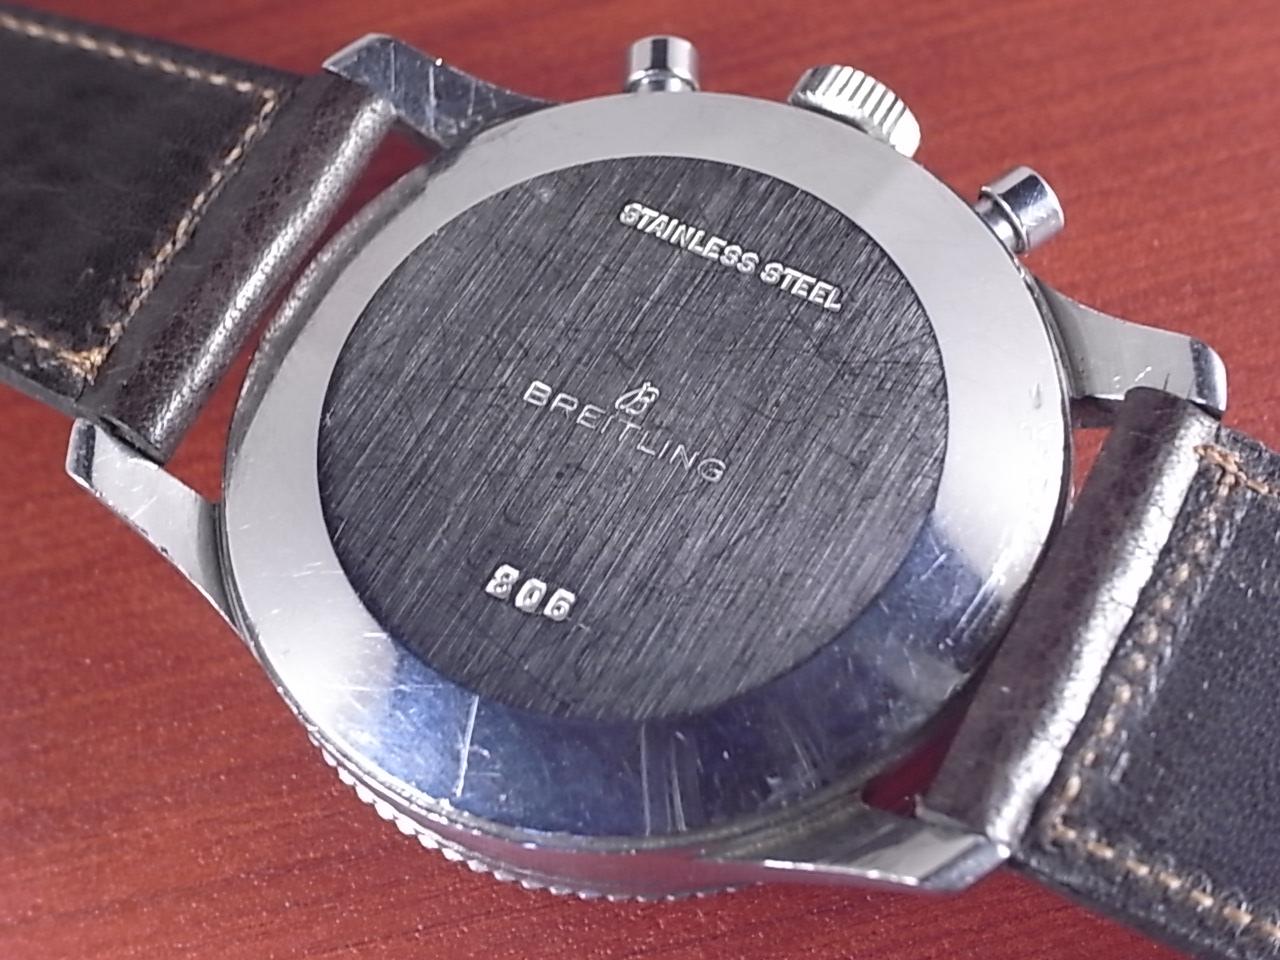 ブライトリング ナビタイマー 1stモデル Ref.806 ヴィーナス178 1950年代の写真4枚目